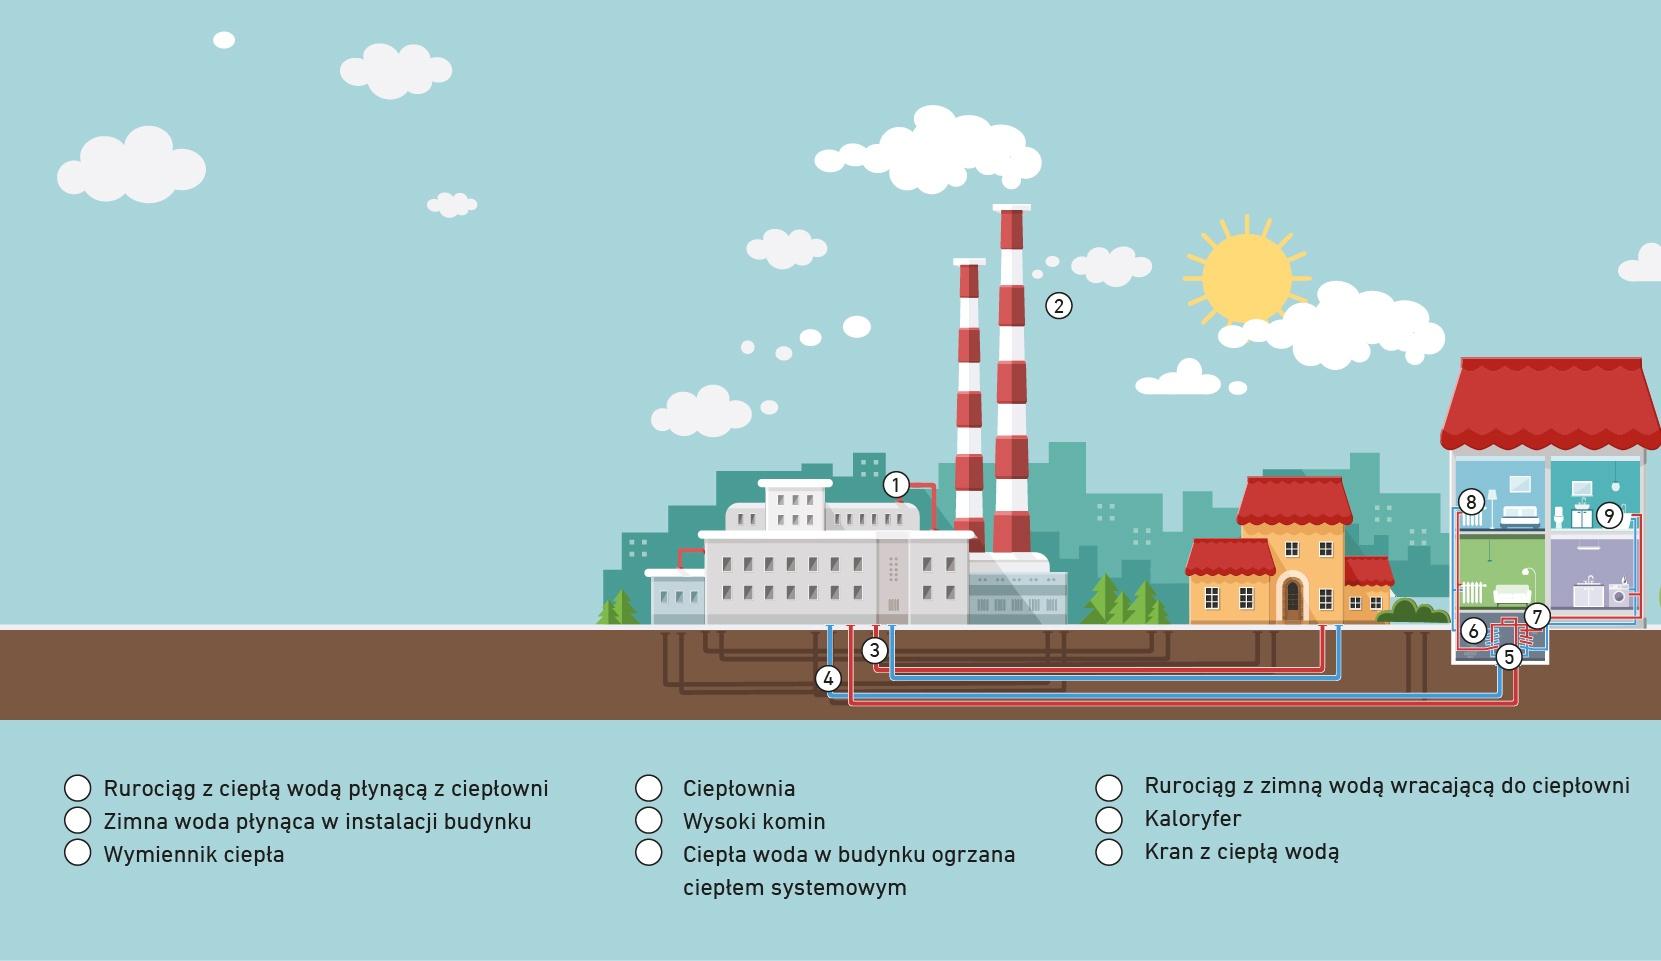 Elementy systemu ciepłowniczego